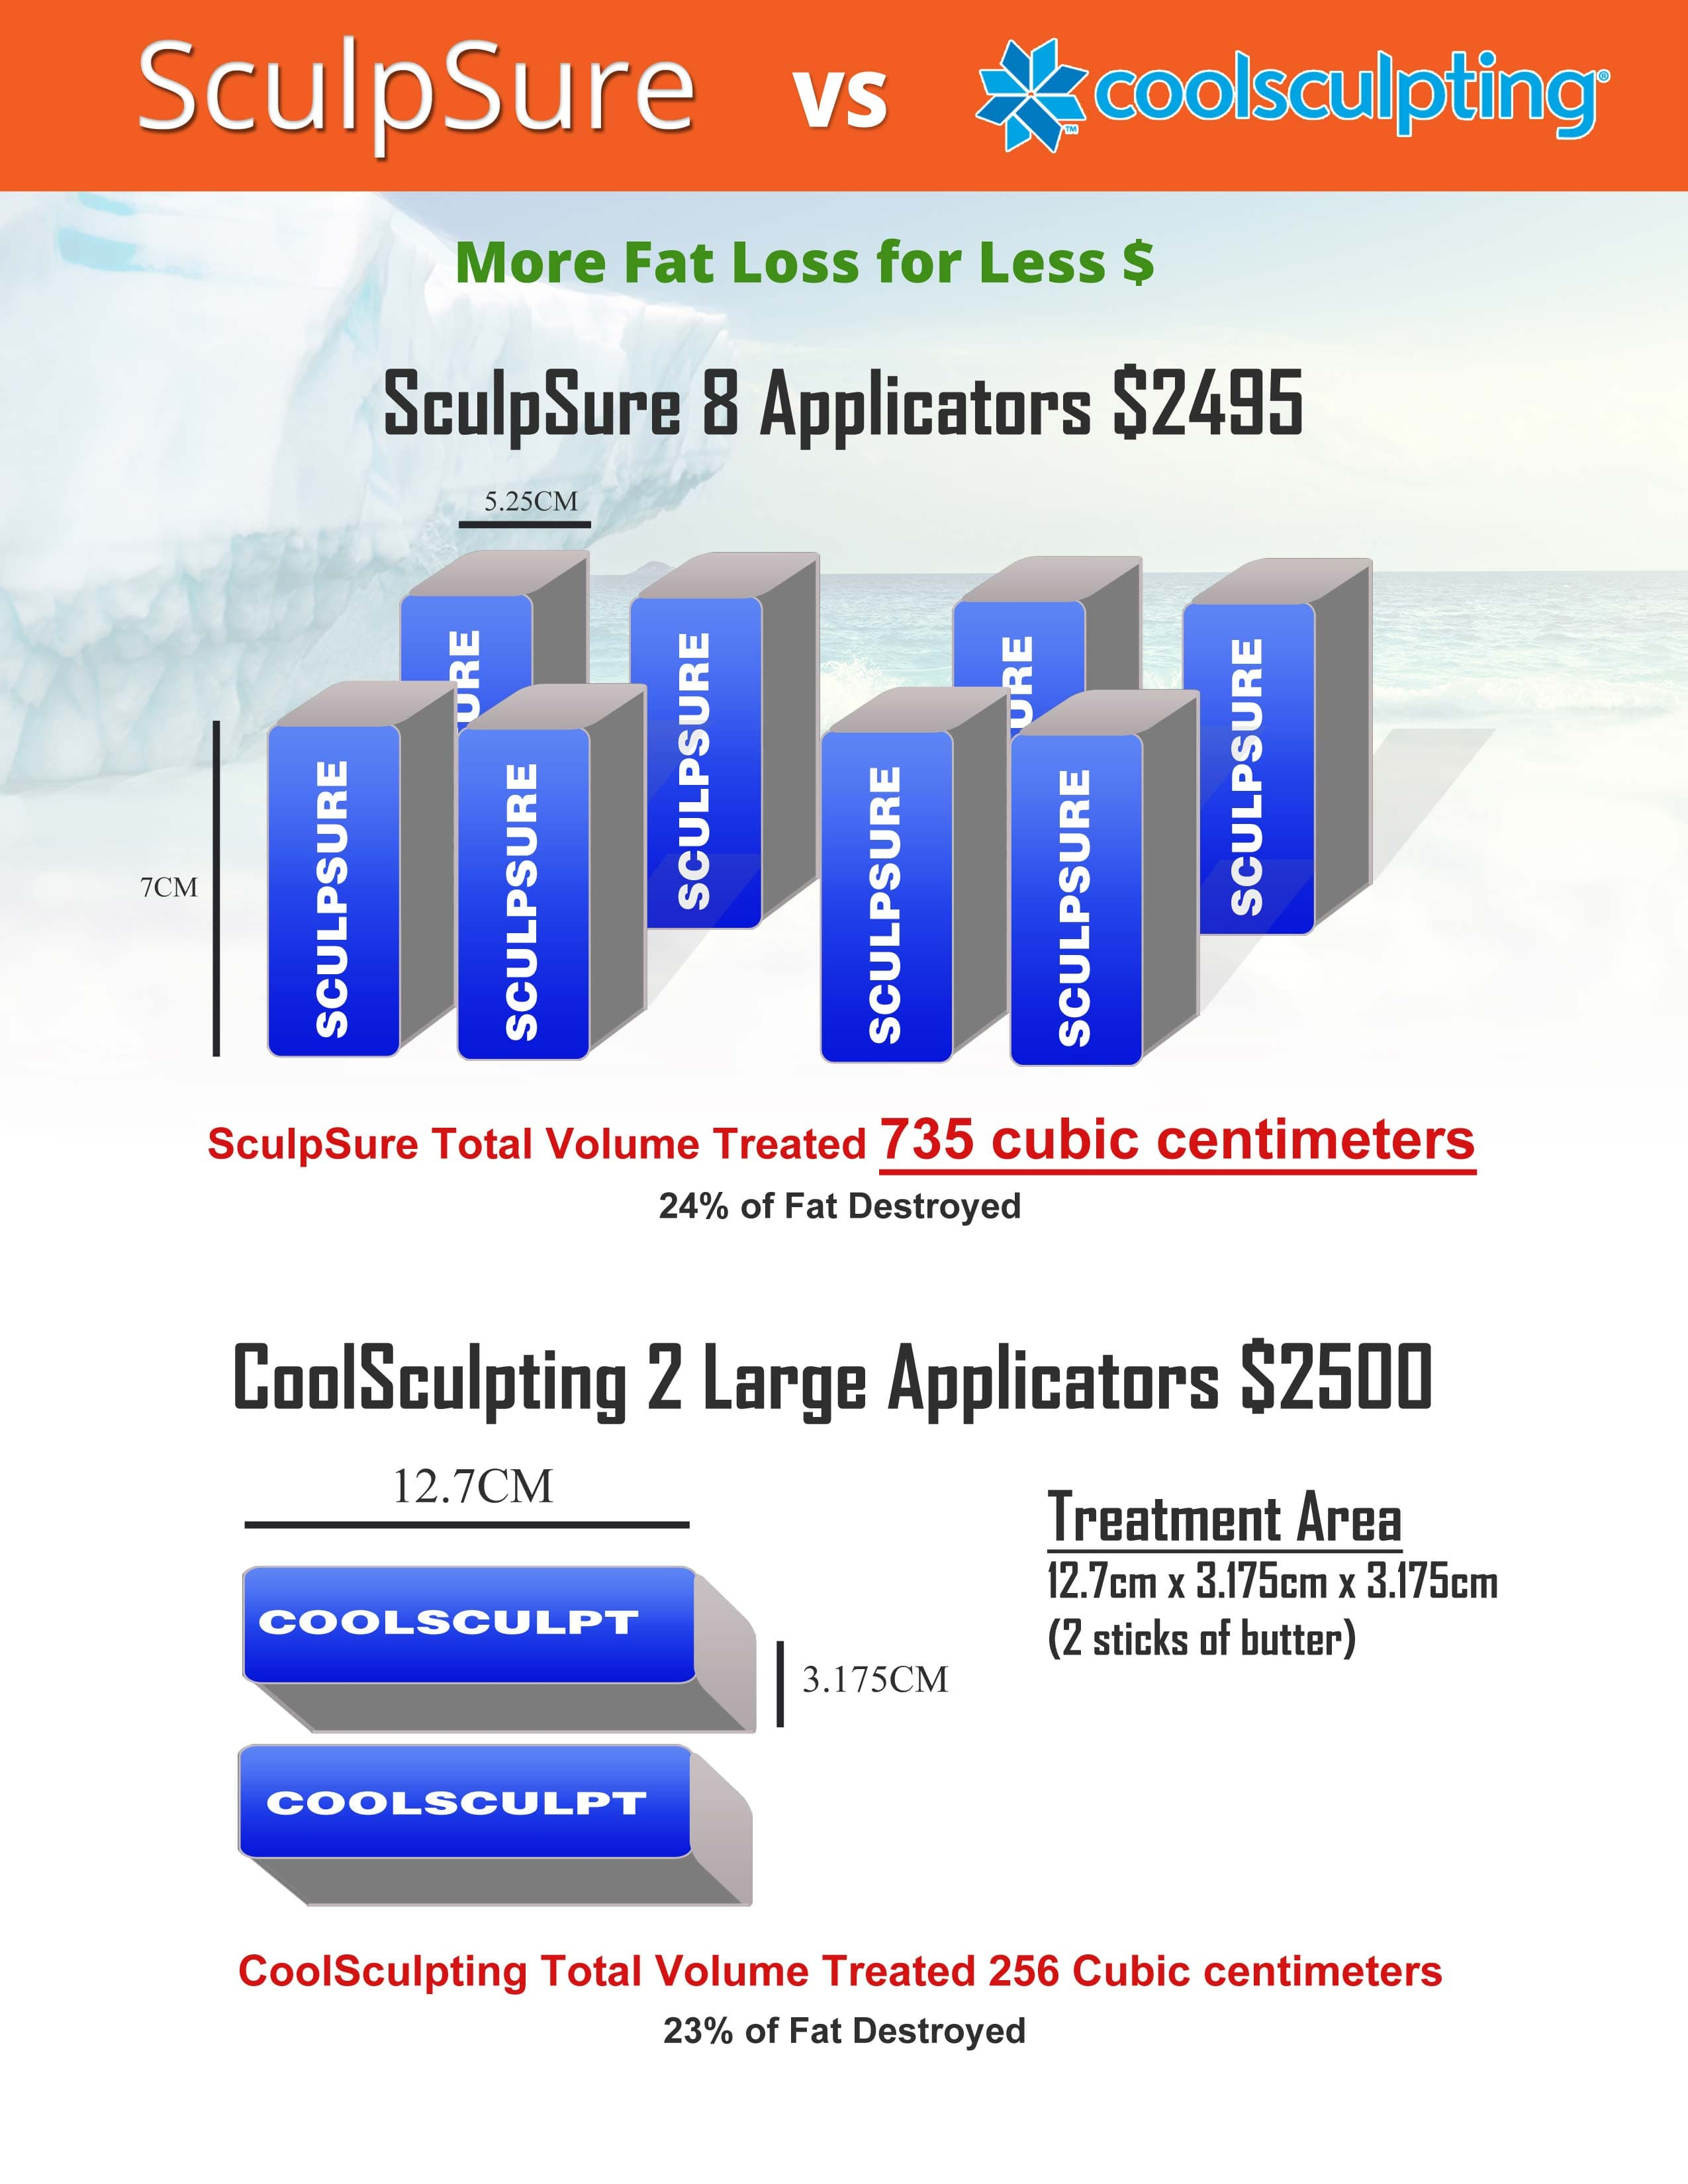 SculpSure vs Coolsculpt